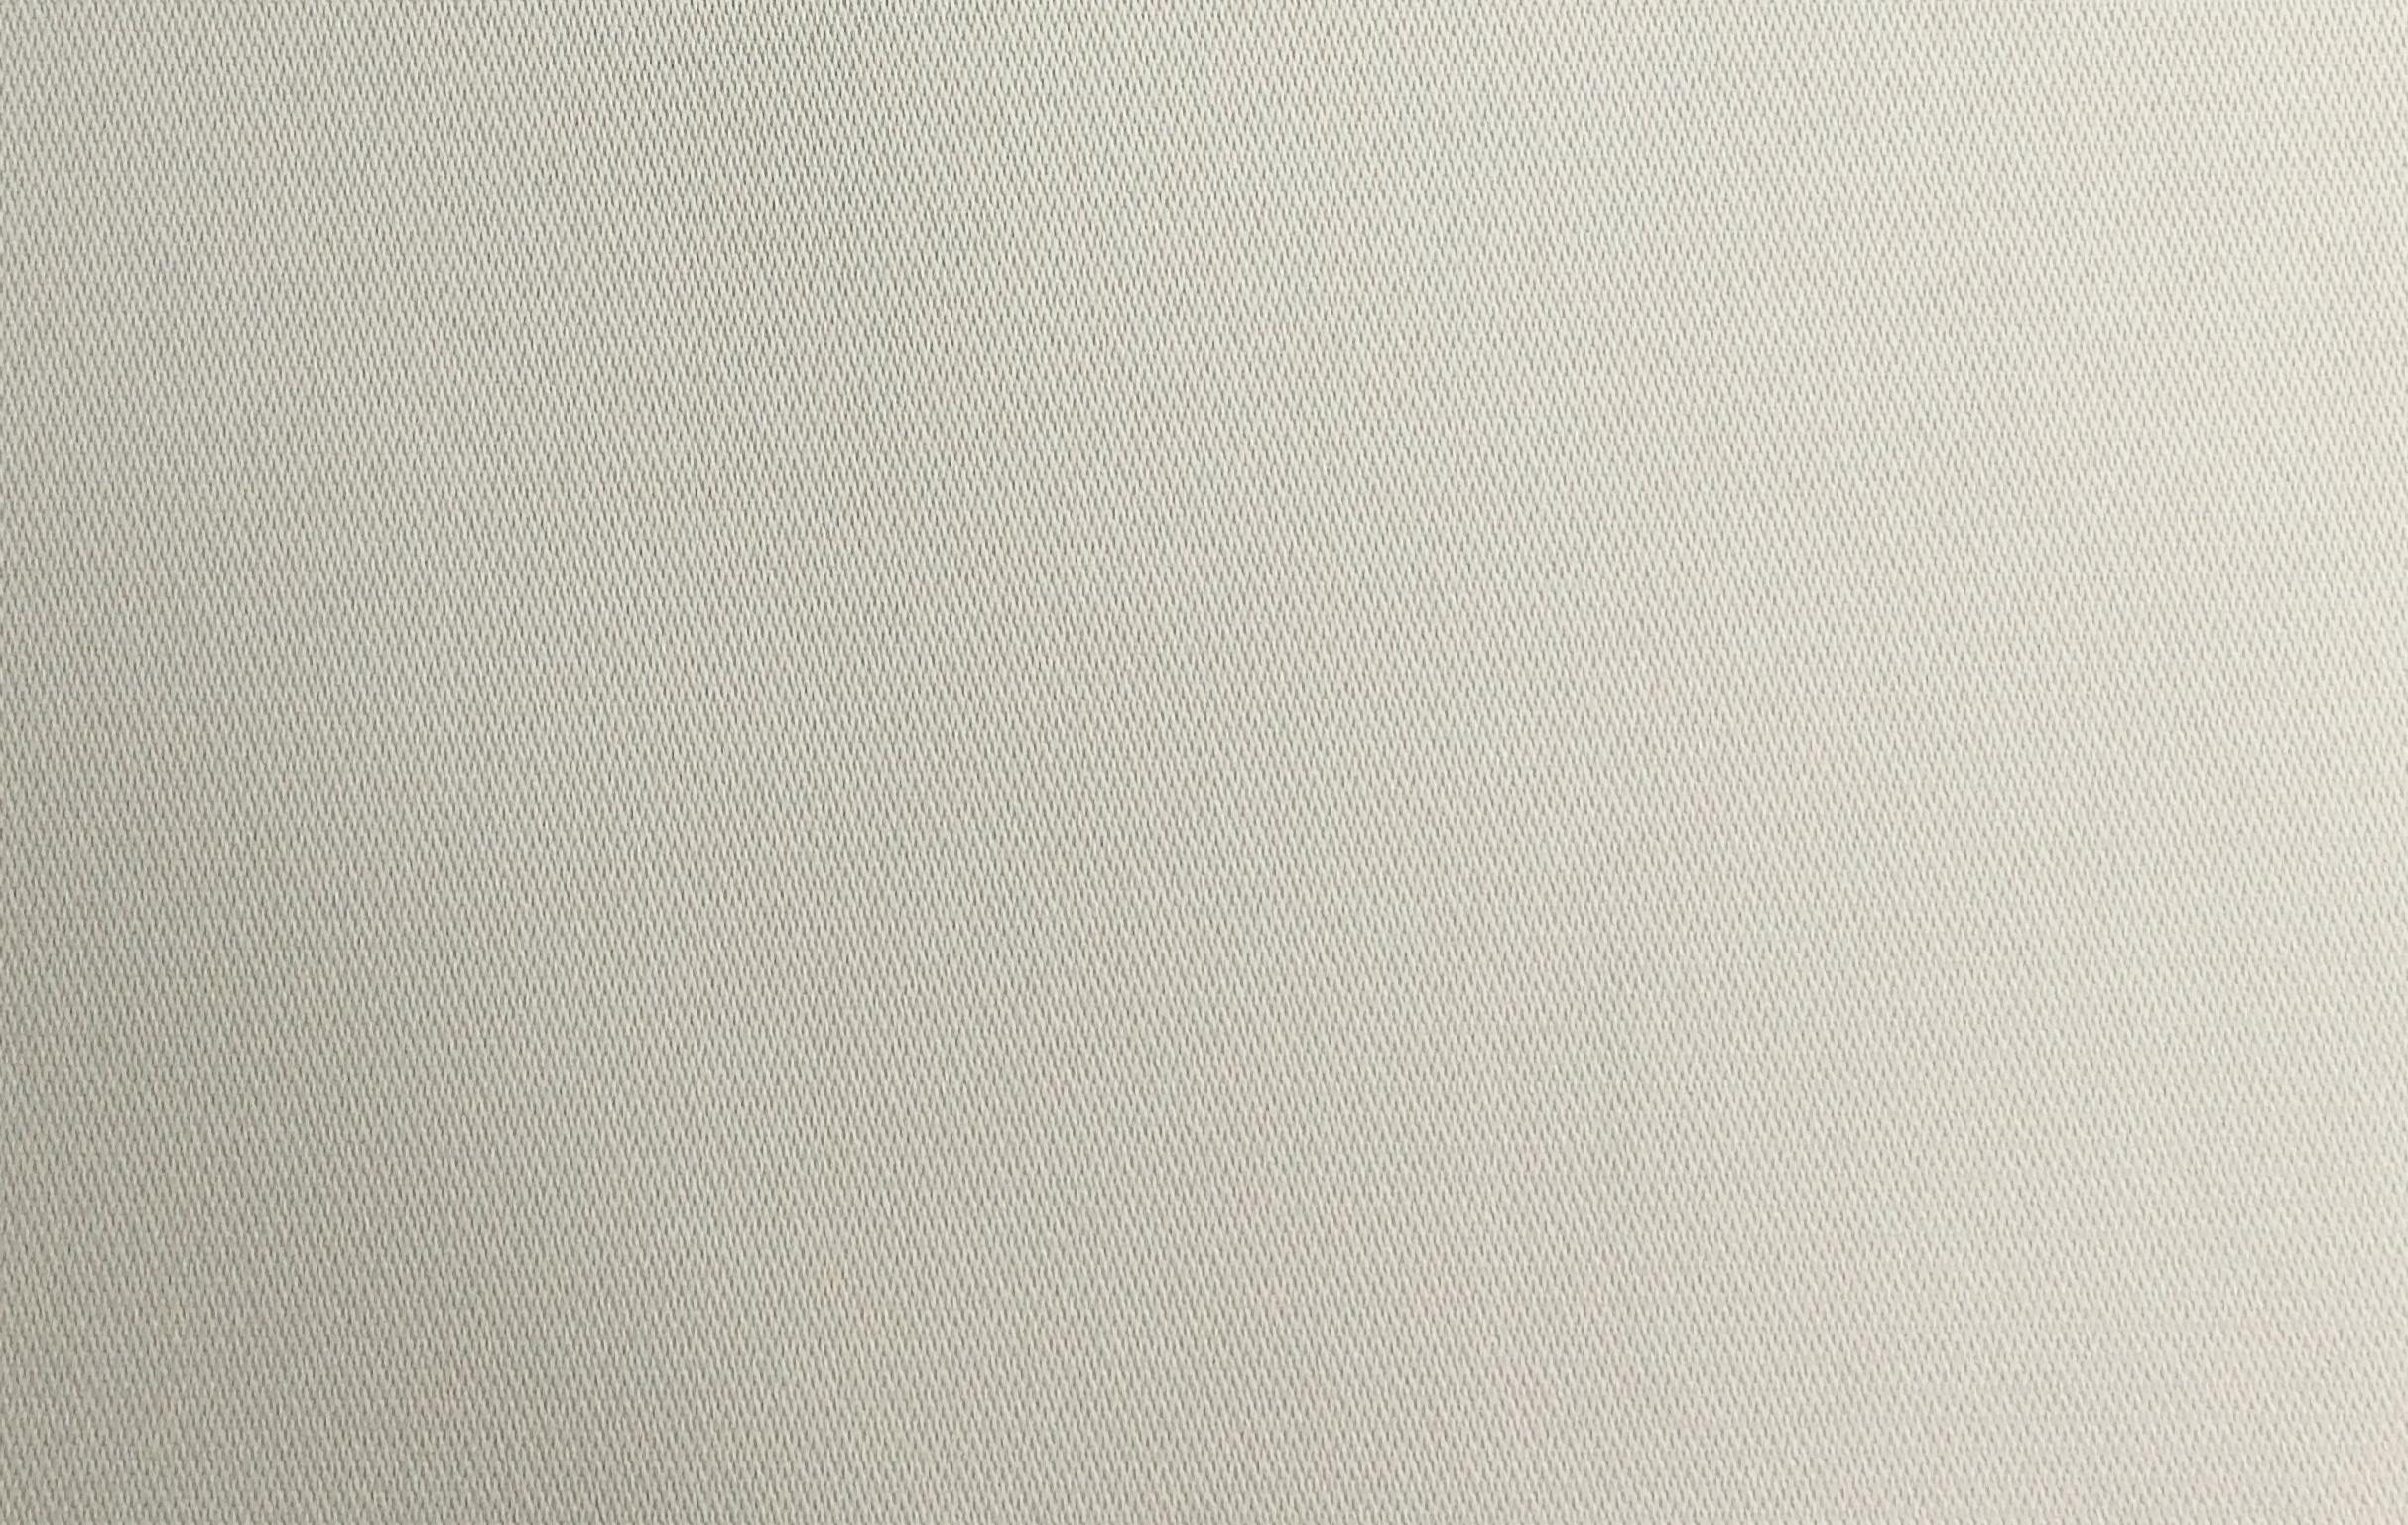 Lander Ivory Blind fabric Sample